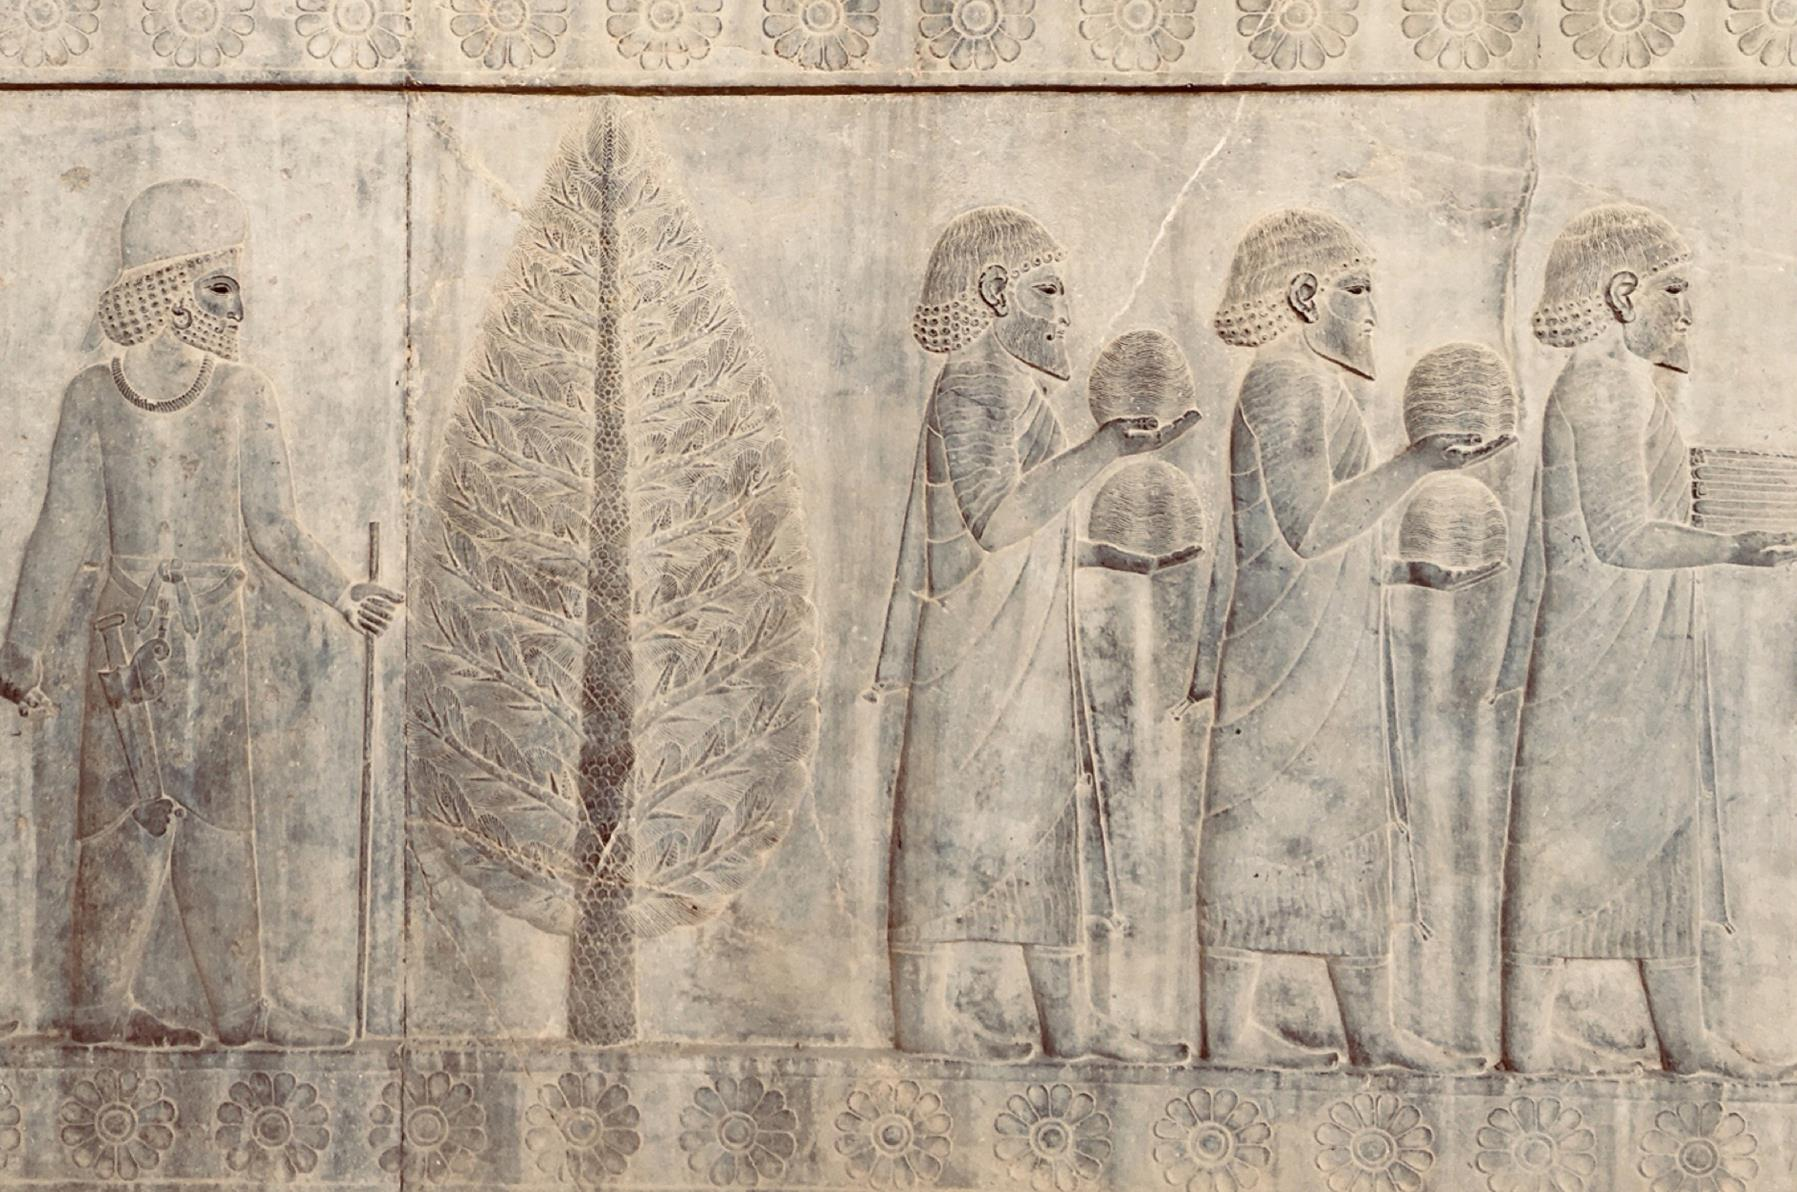 Abarkuh – Persepolis